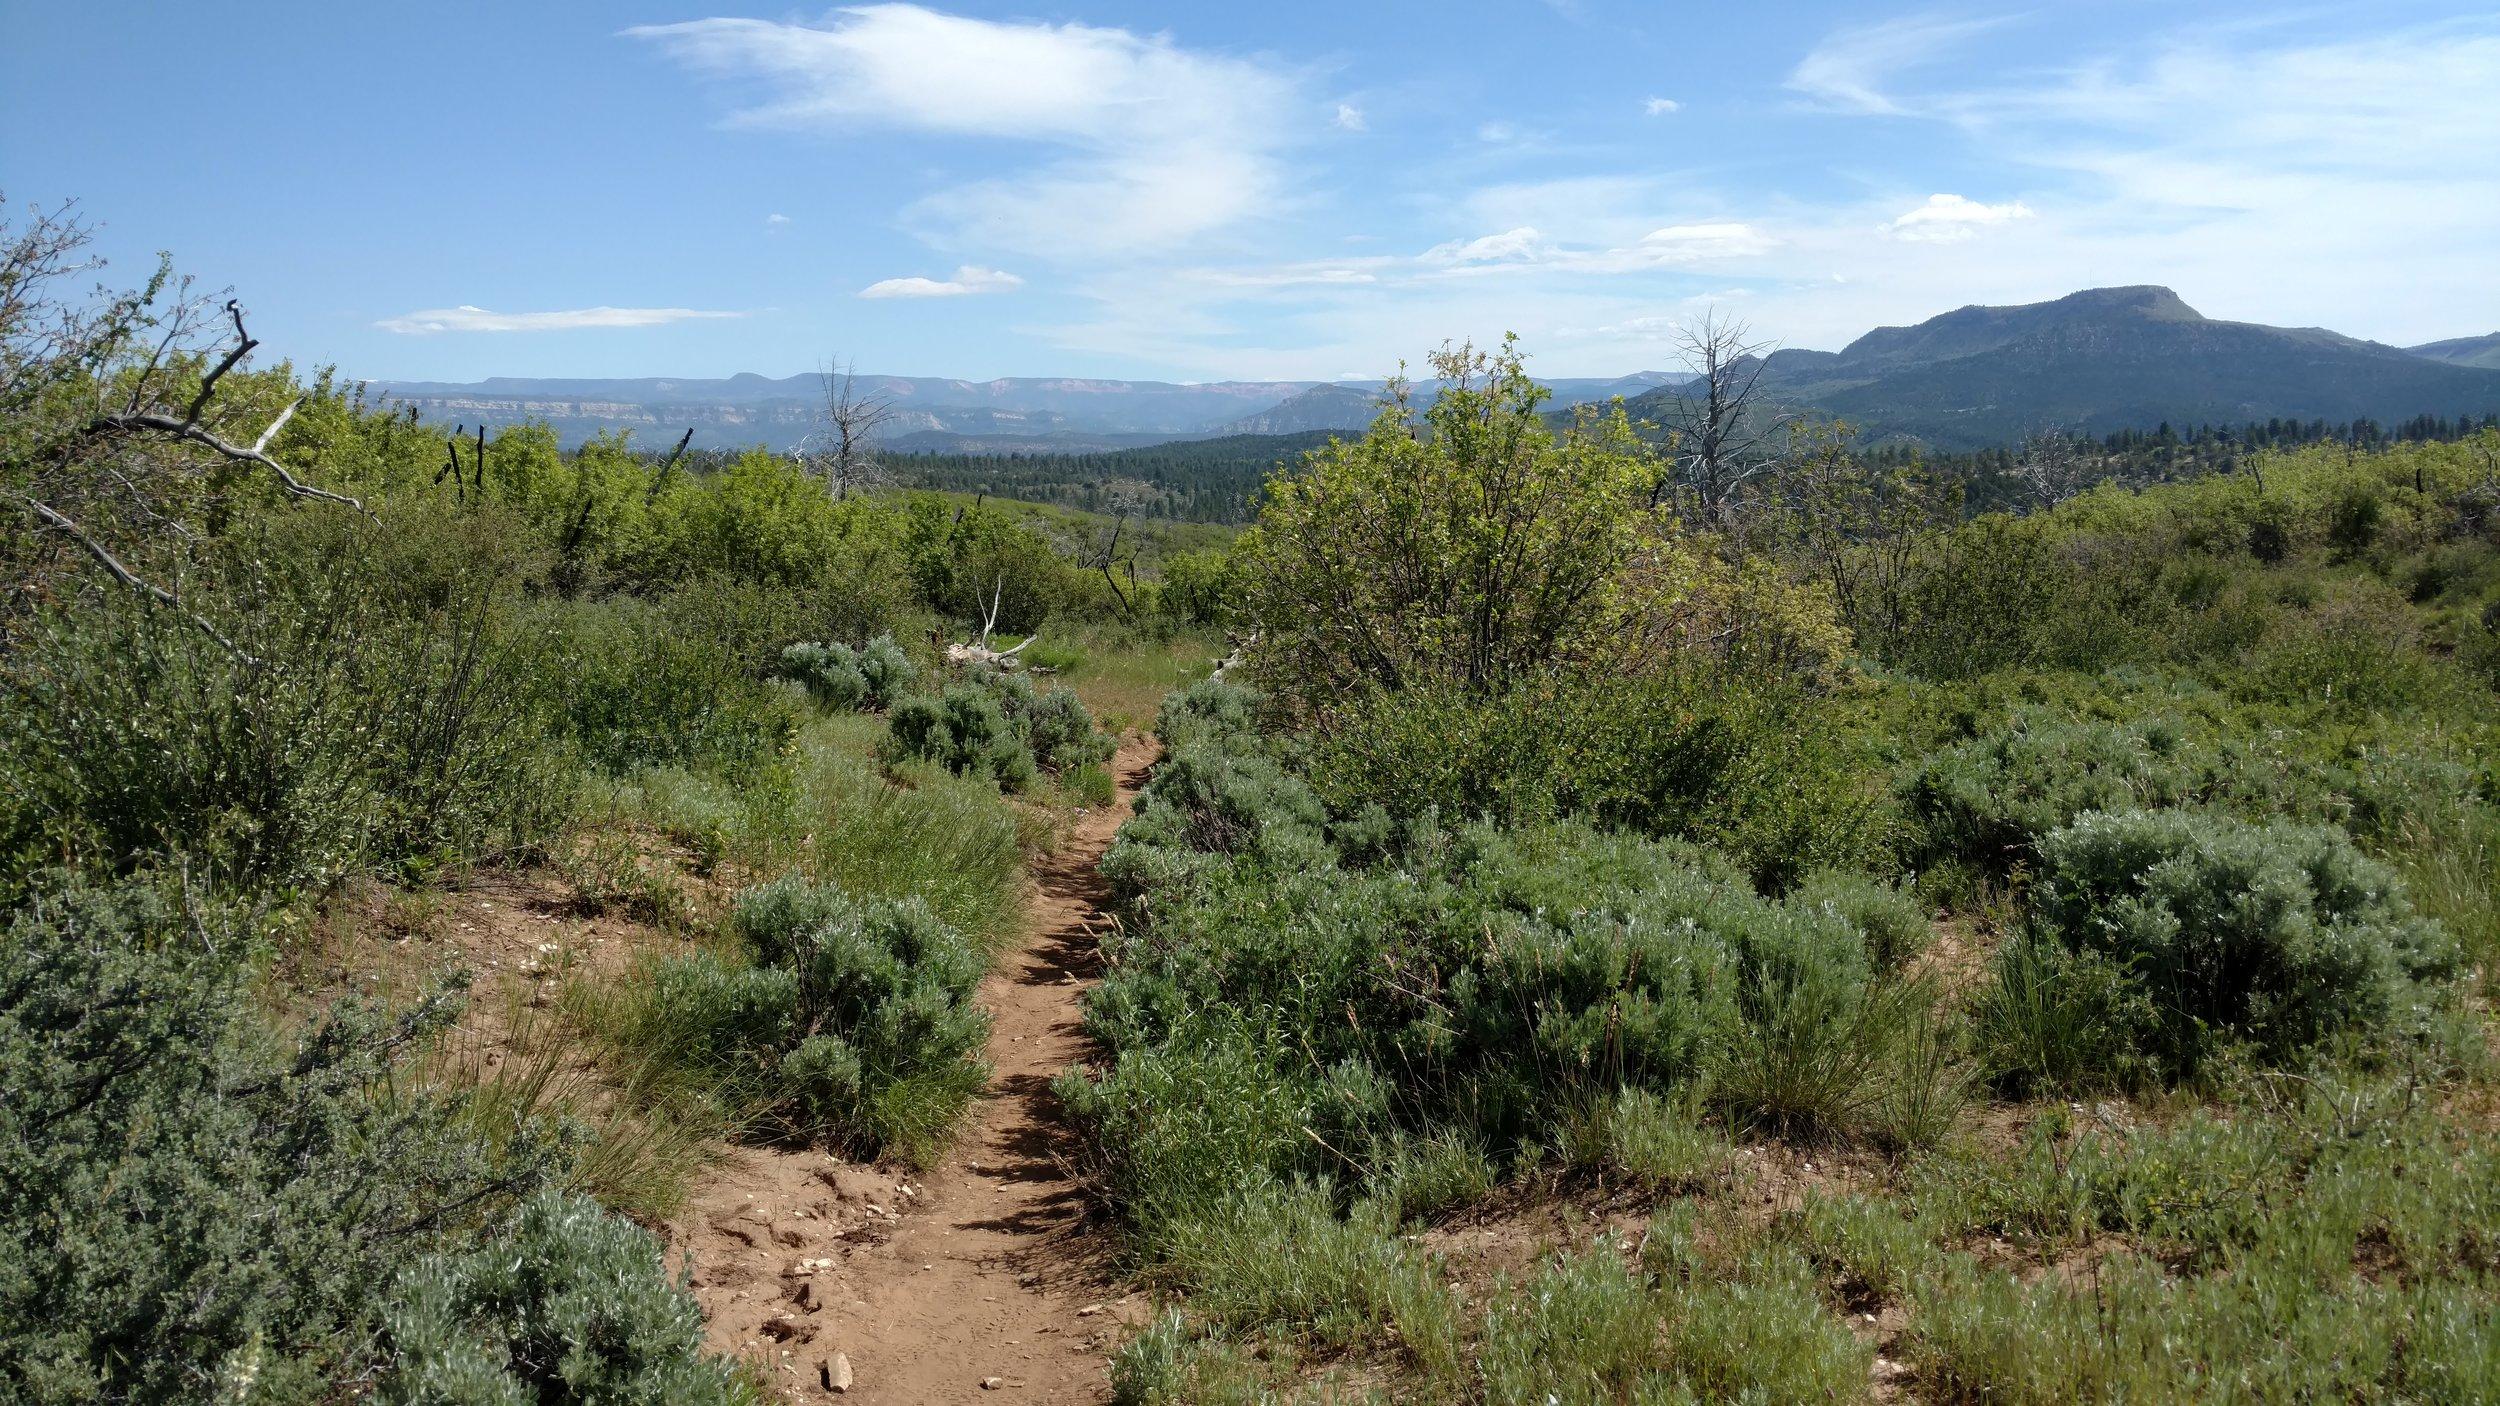 Deertrap Mountain trail view